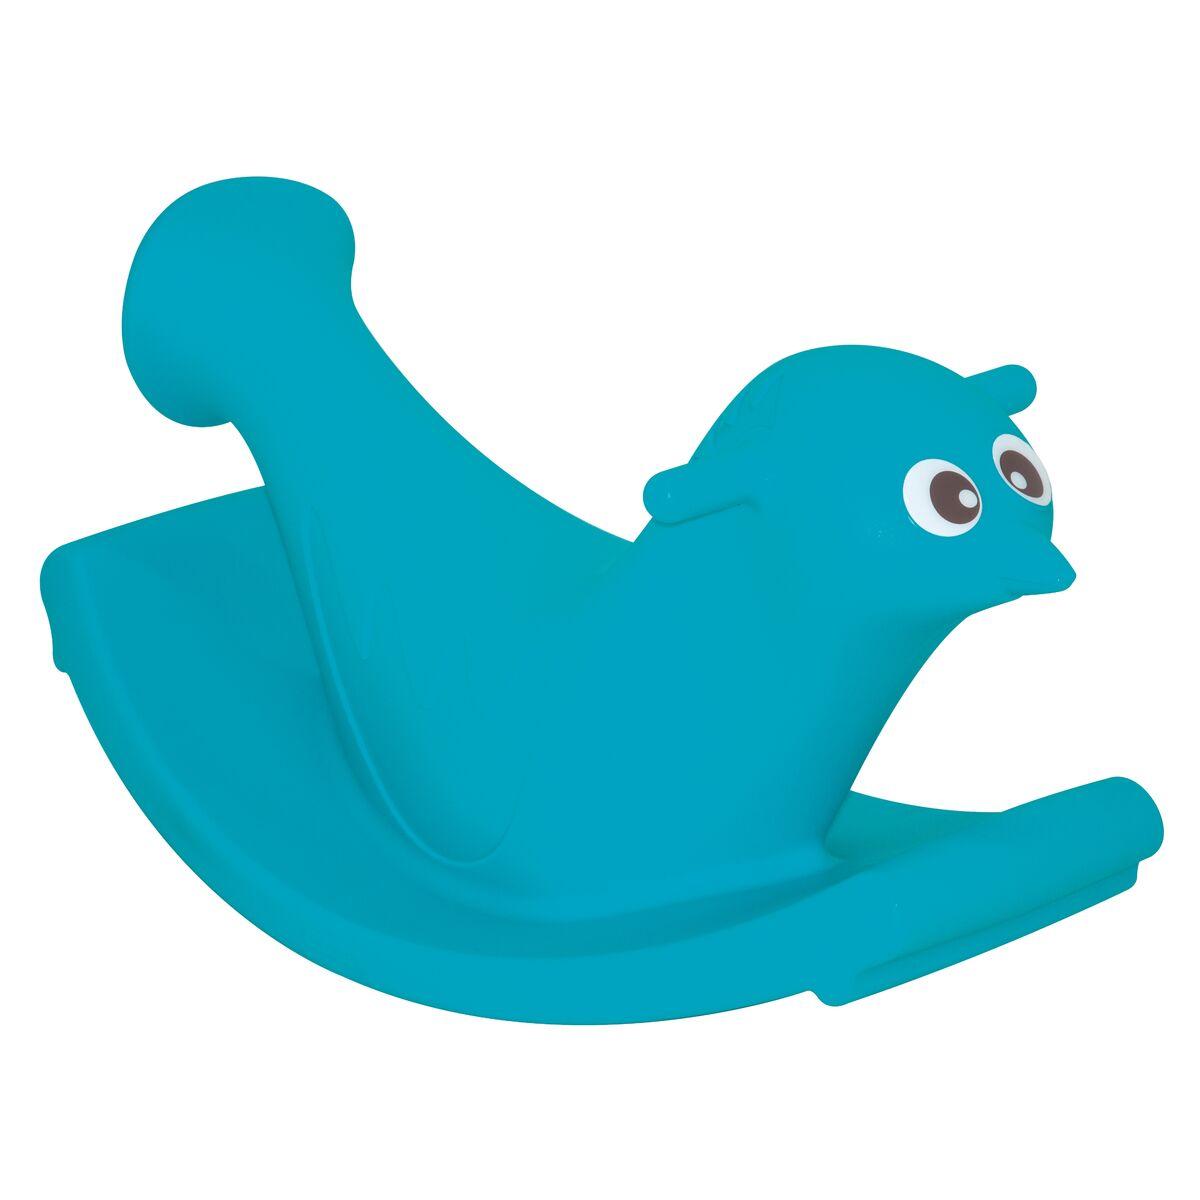 Tramontina Dindon Blue Polypropylene Snail Rocker